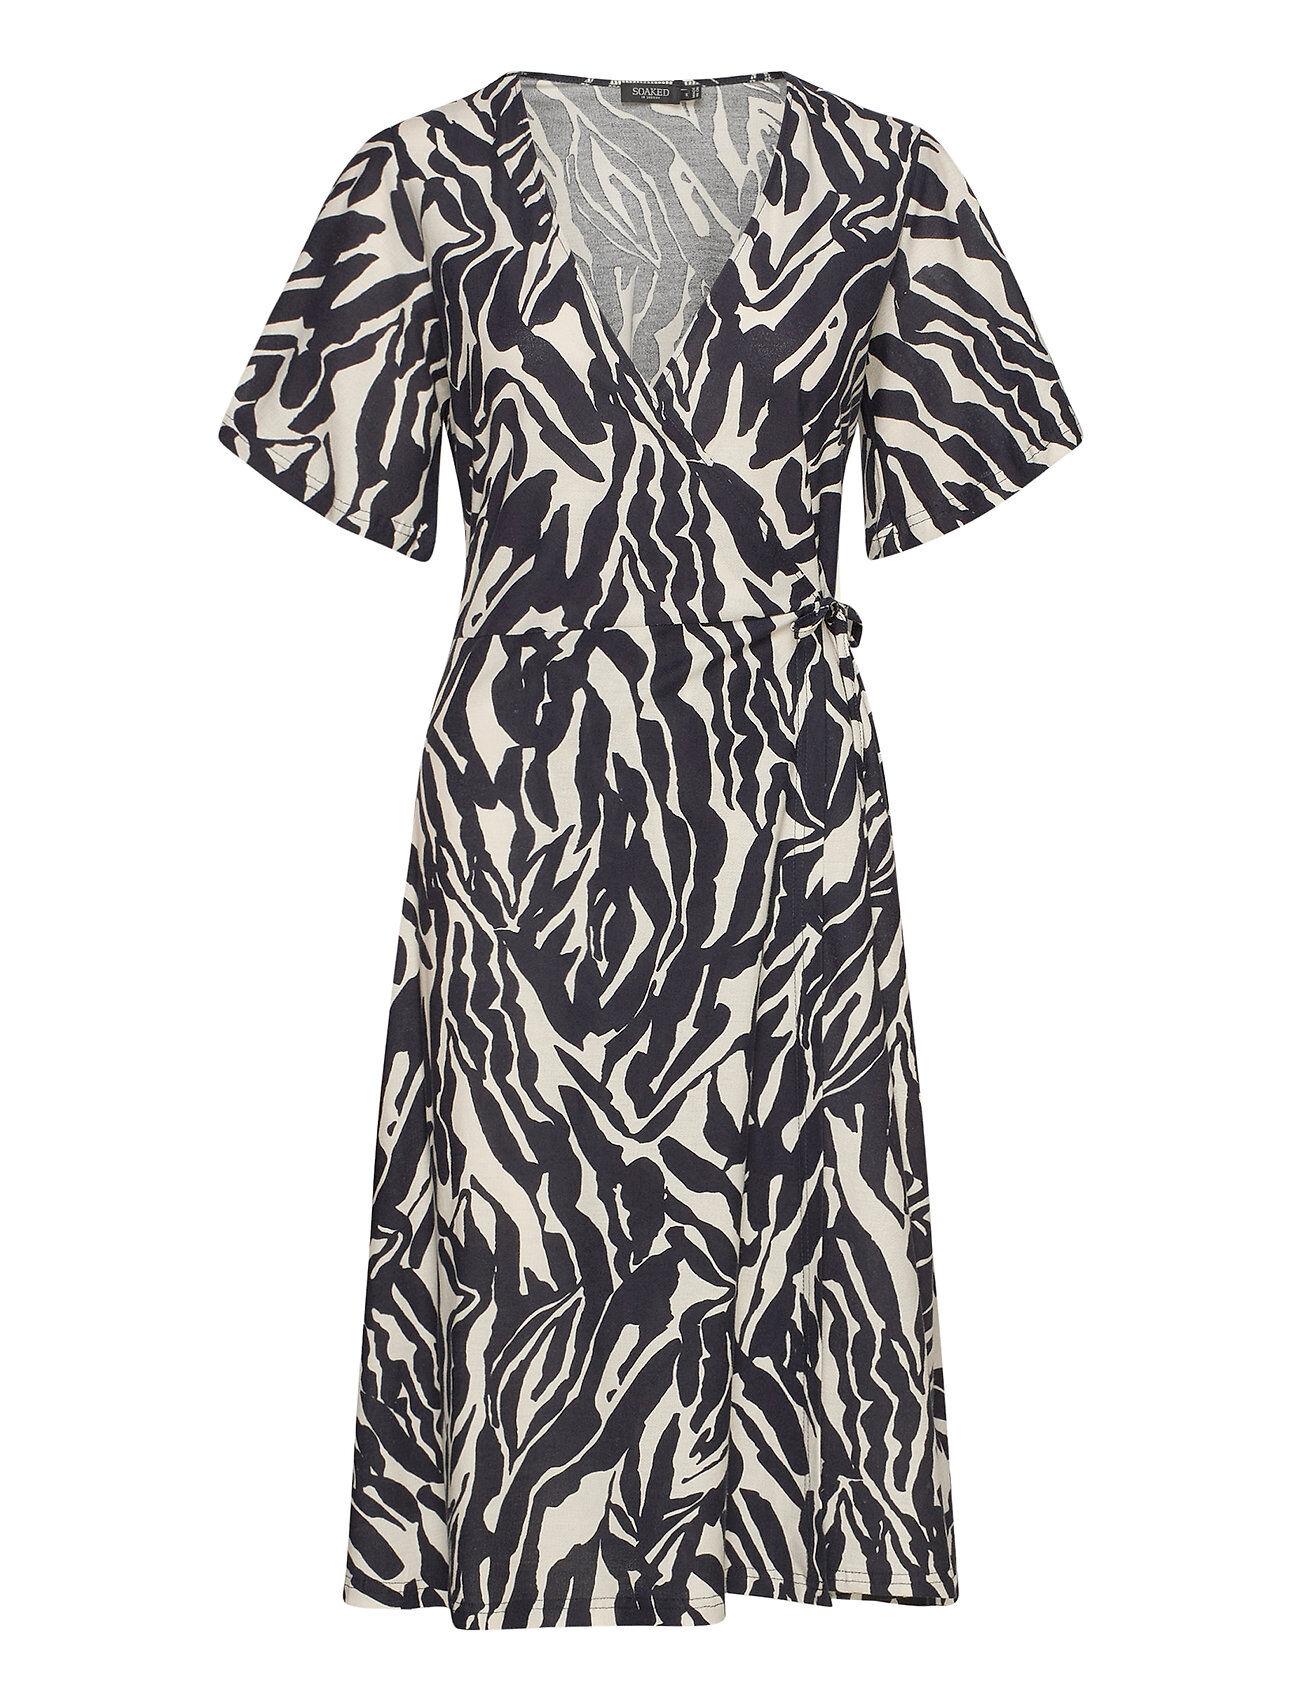 Soaked in Luxury Slsallie Dress Ss Polvipituinen Mekko Musta Soaked In Luxury